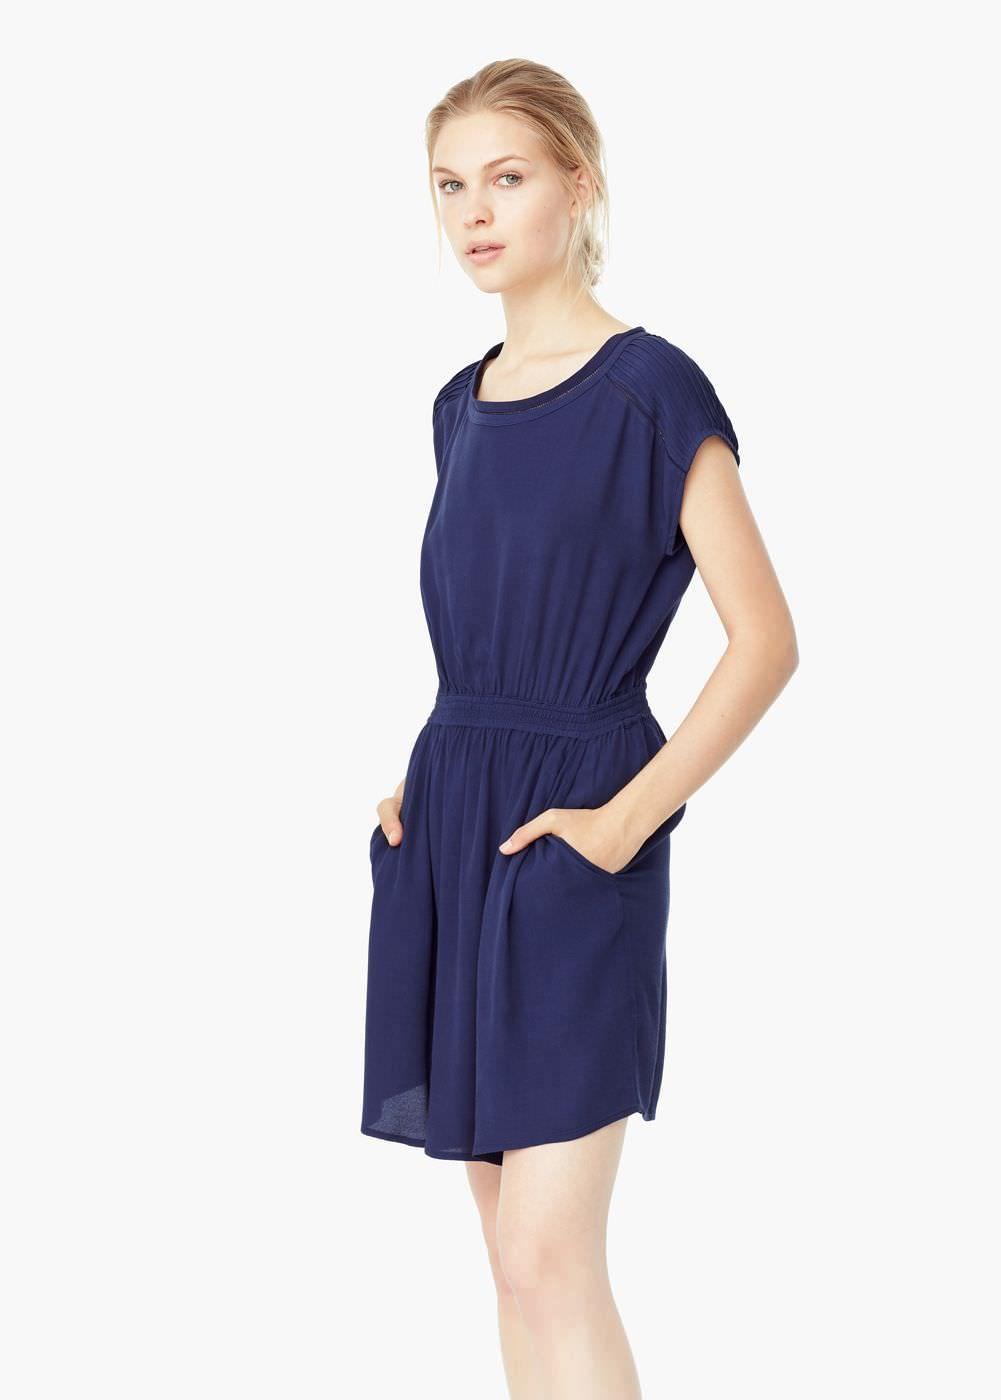 Vestito bordo traforato - Vestiti da Donna  91b75a4f7c4